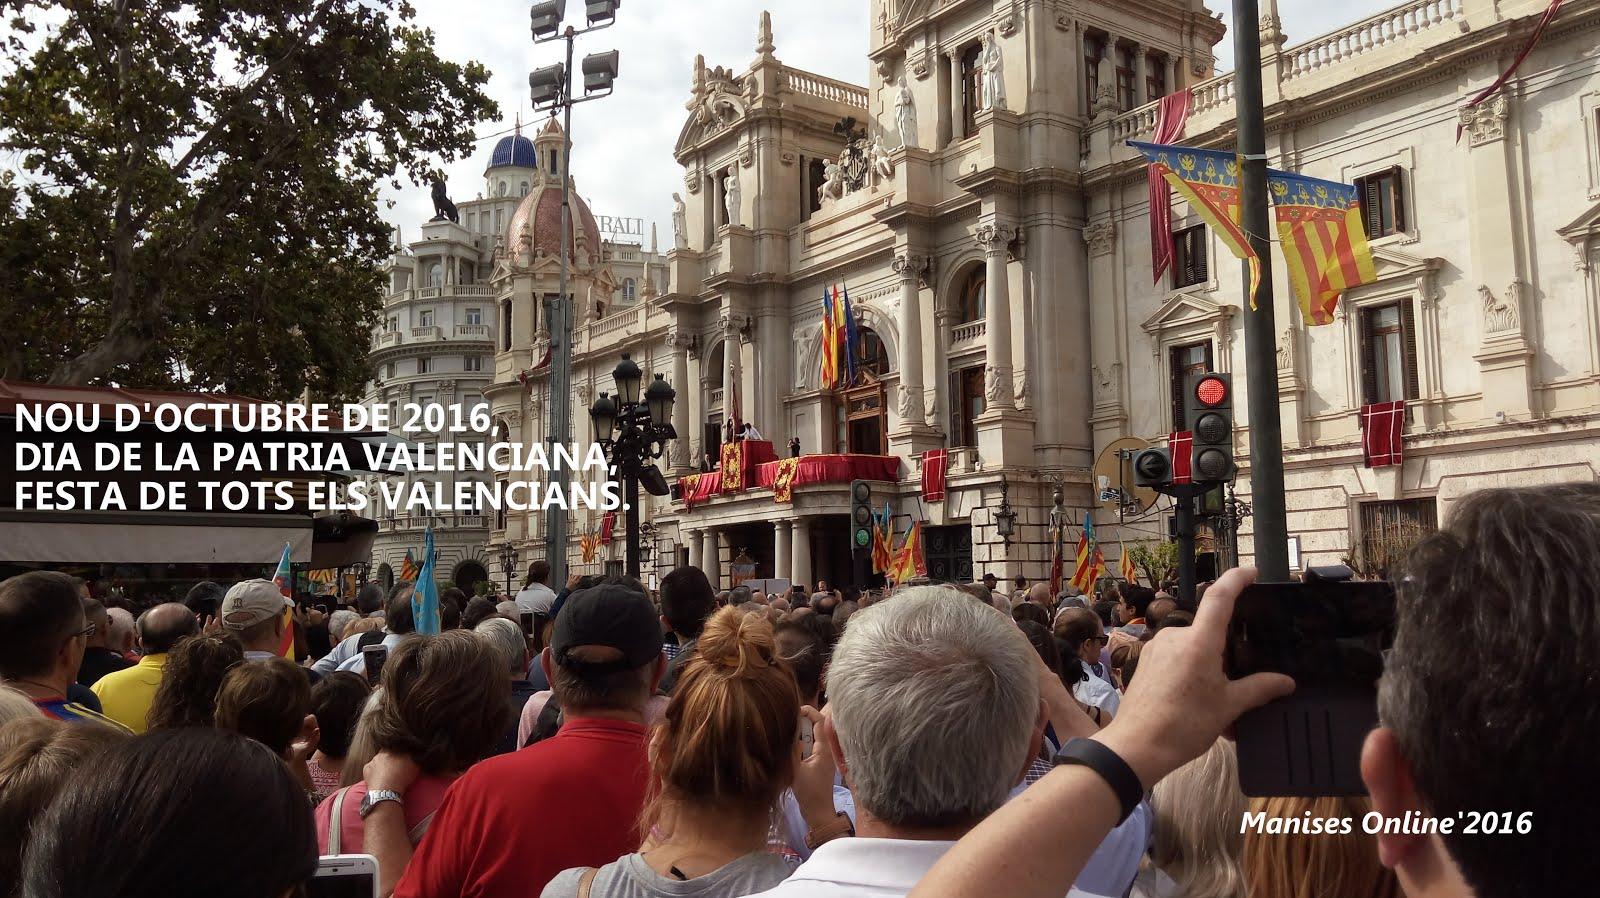 09.10.16 NOU D'OCTUBRE, DIA DE LA PATRIA VALENCIANA, FESTA DELS VALENCIANS